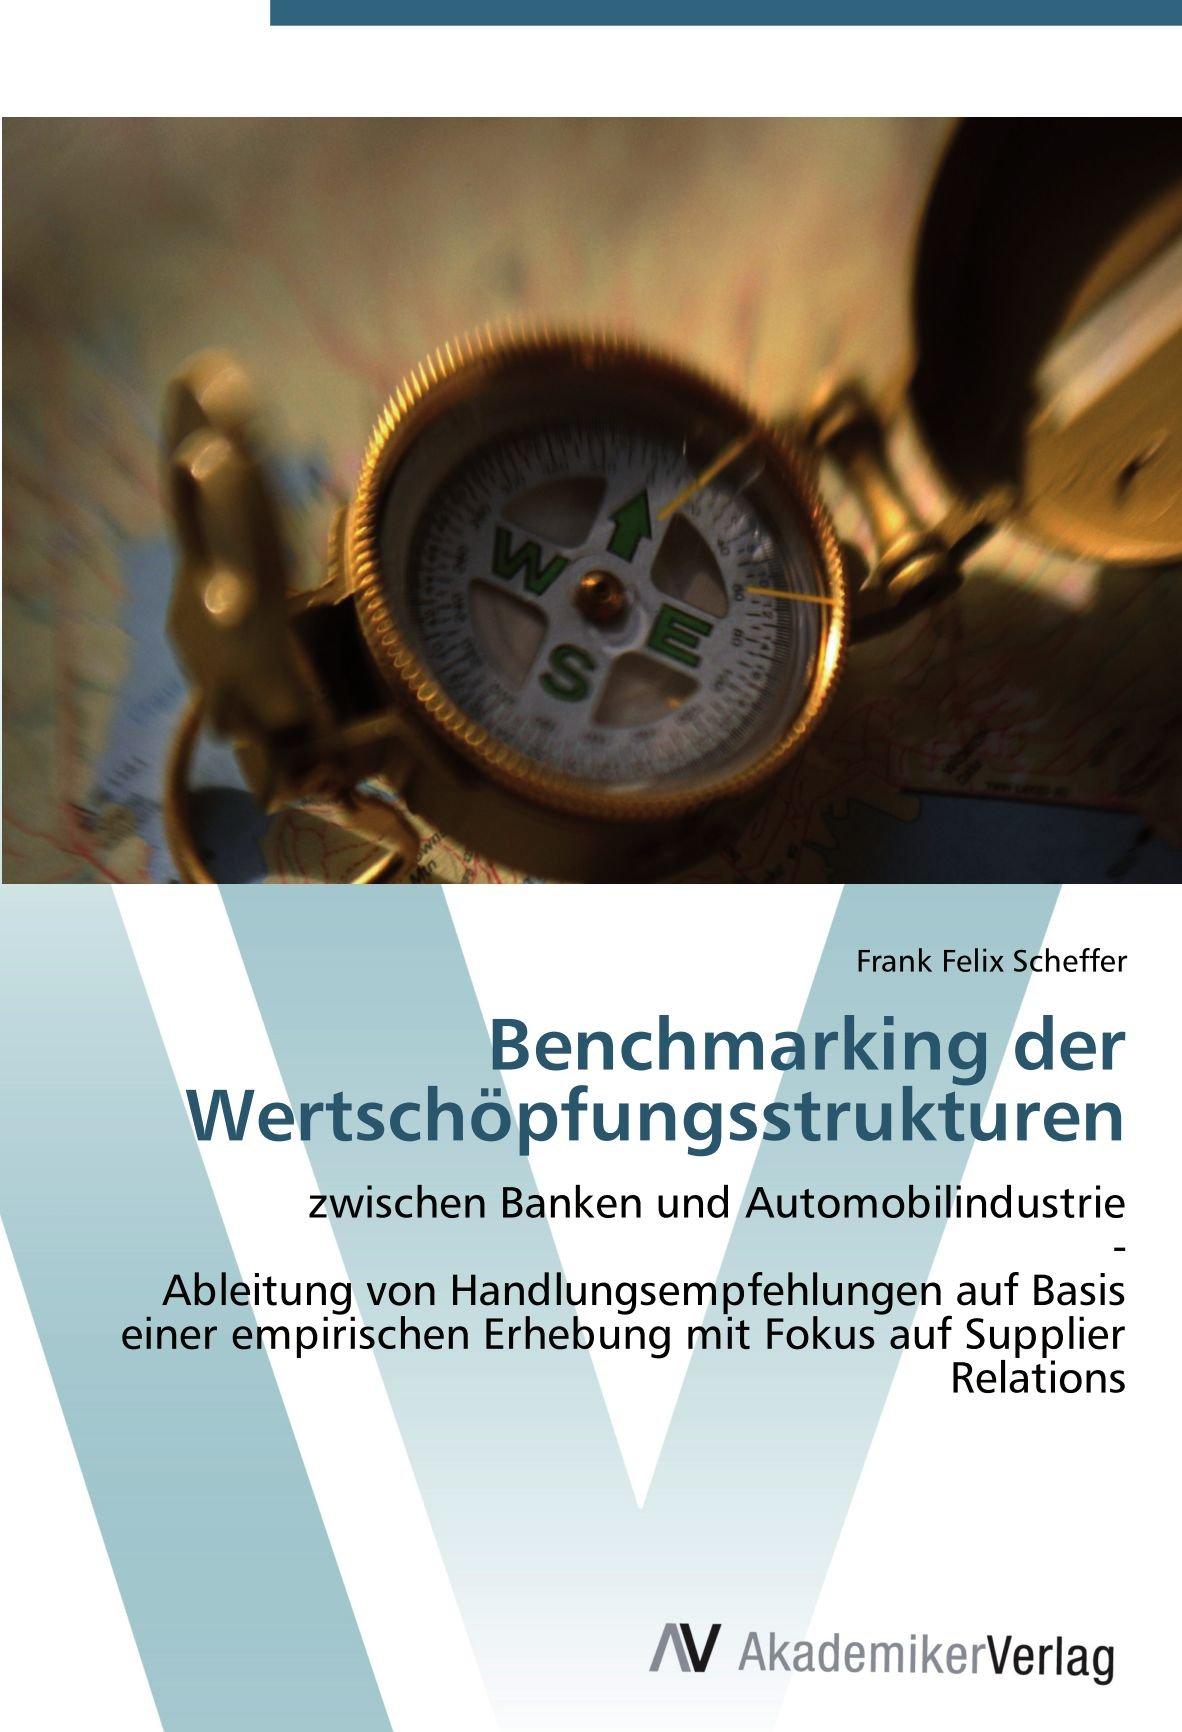 Download Benchmarking der Wertschöpfungsstrukturen: zwischen Banken und Automobilindustrie  -  Ableitung von Handlungsempfehlungen auf Basis einer empirischen ... Fokus auf Supplier Relations (German Edition) pdf